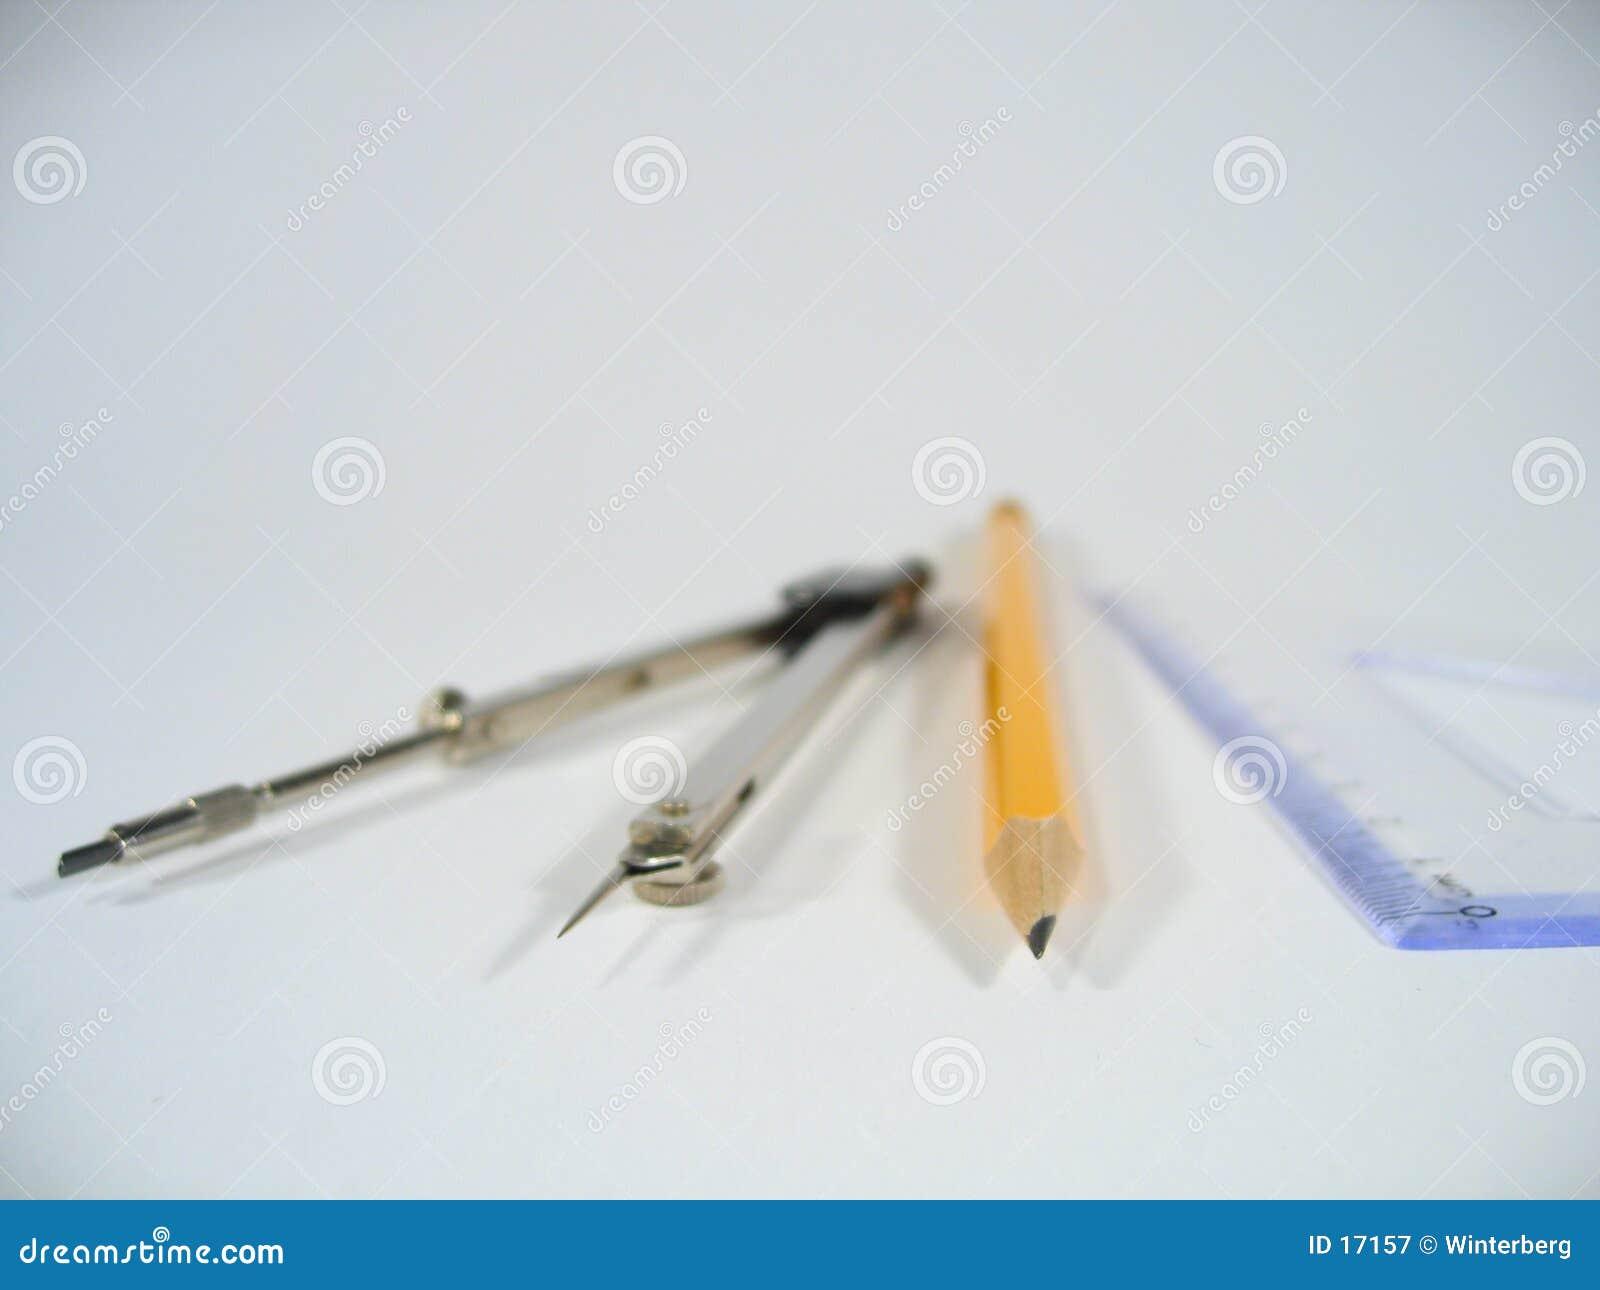 Pares de compases, de lápiz y de regla